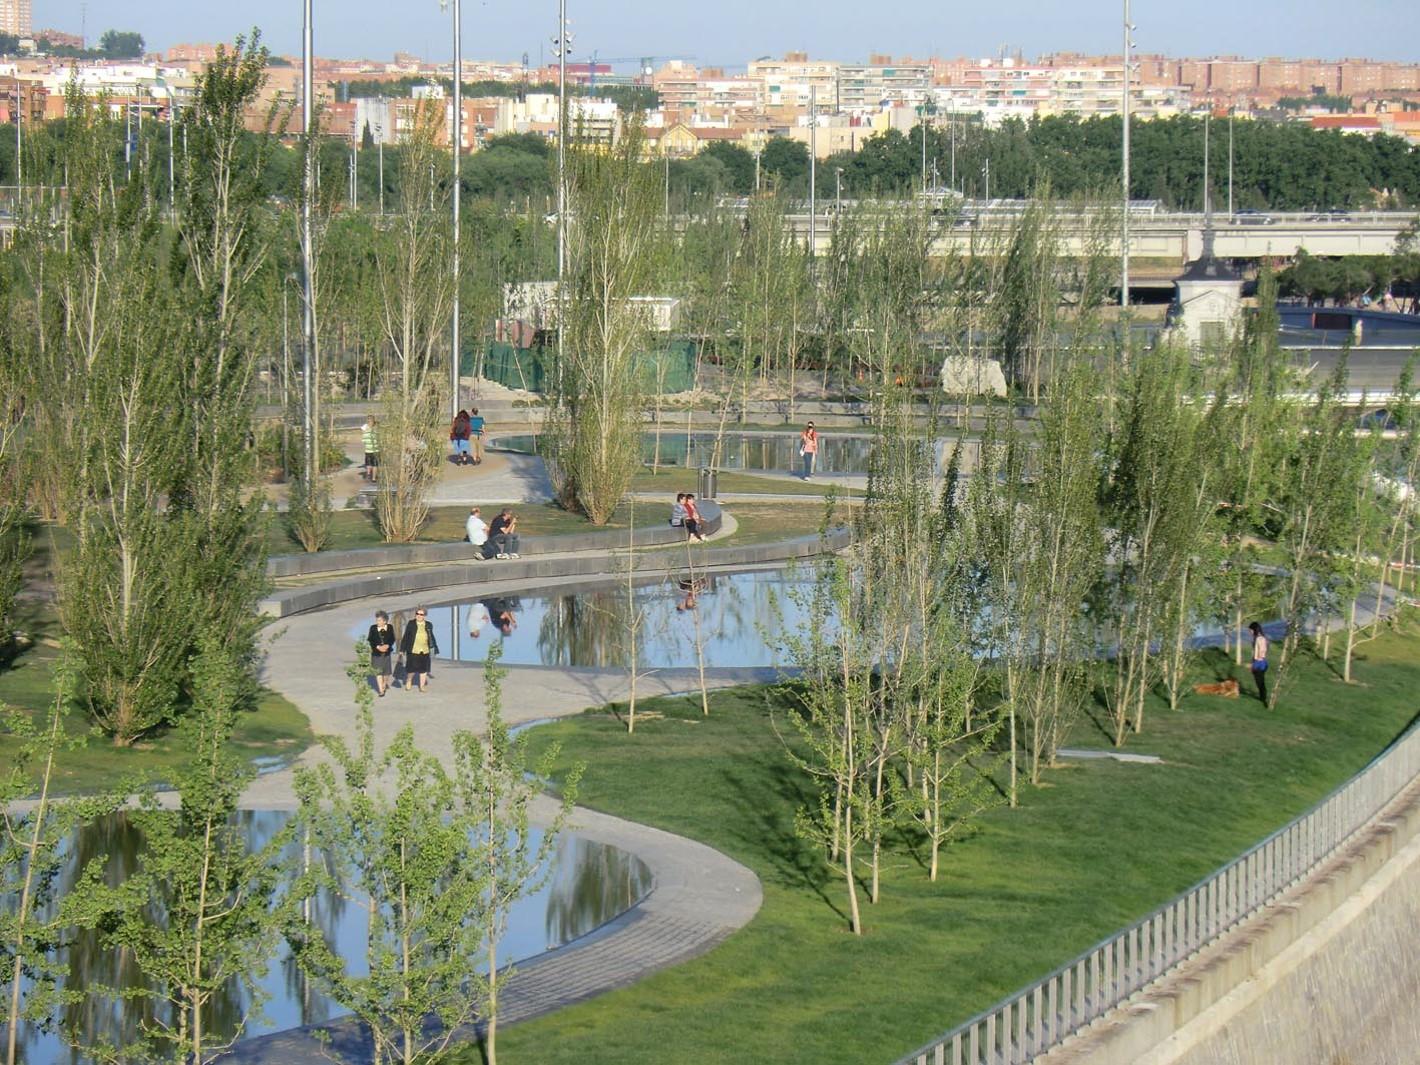 MADRID RIO, ein neuer Grünraum für die Stadt